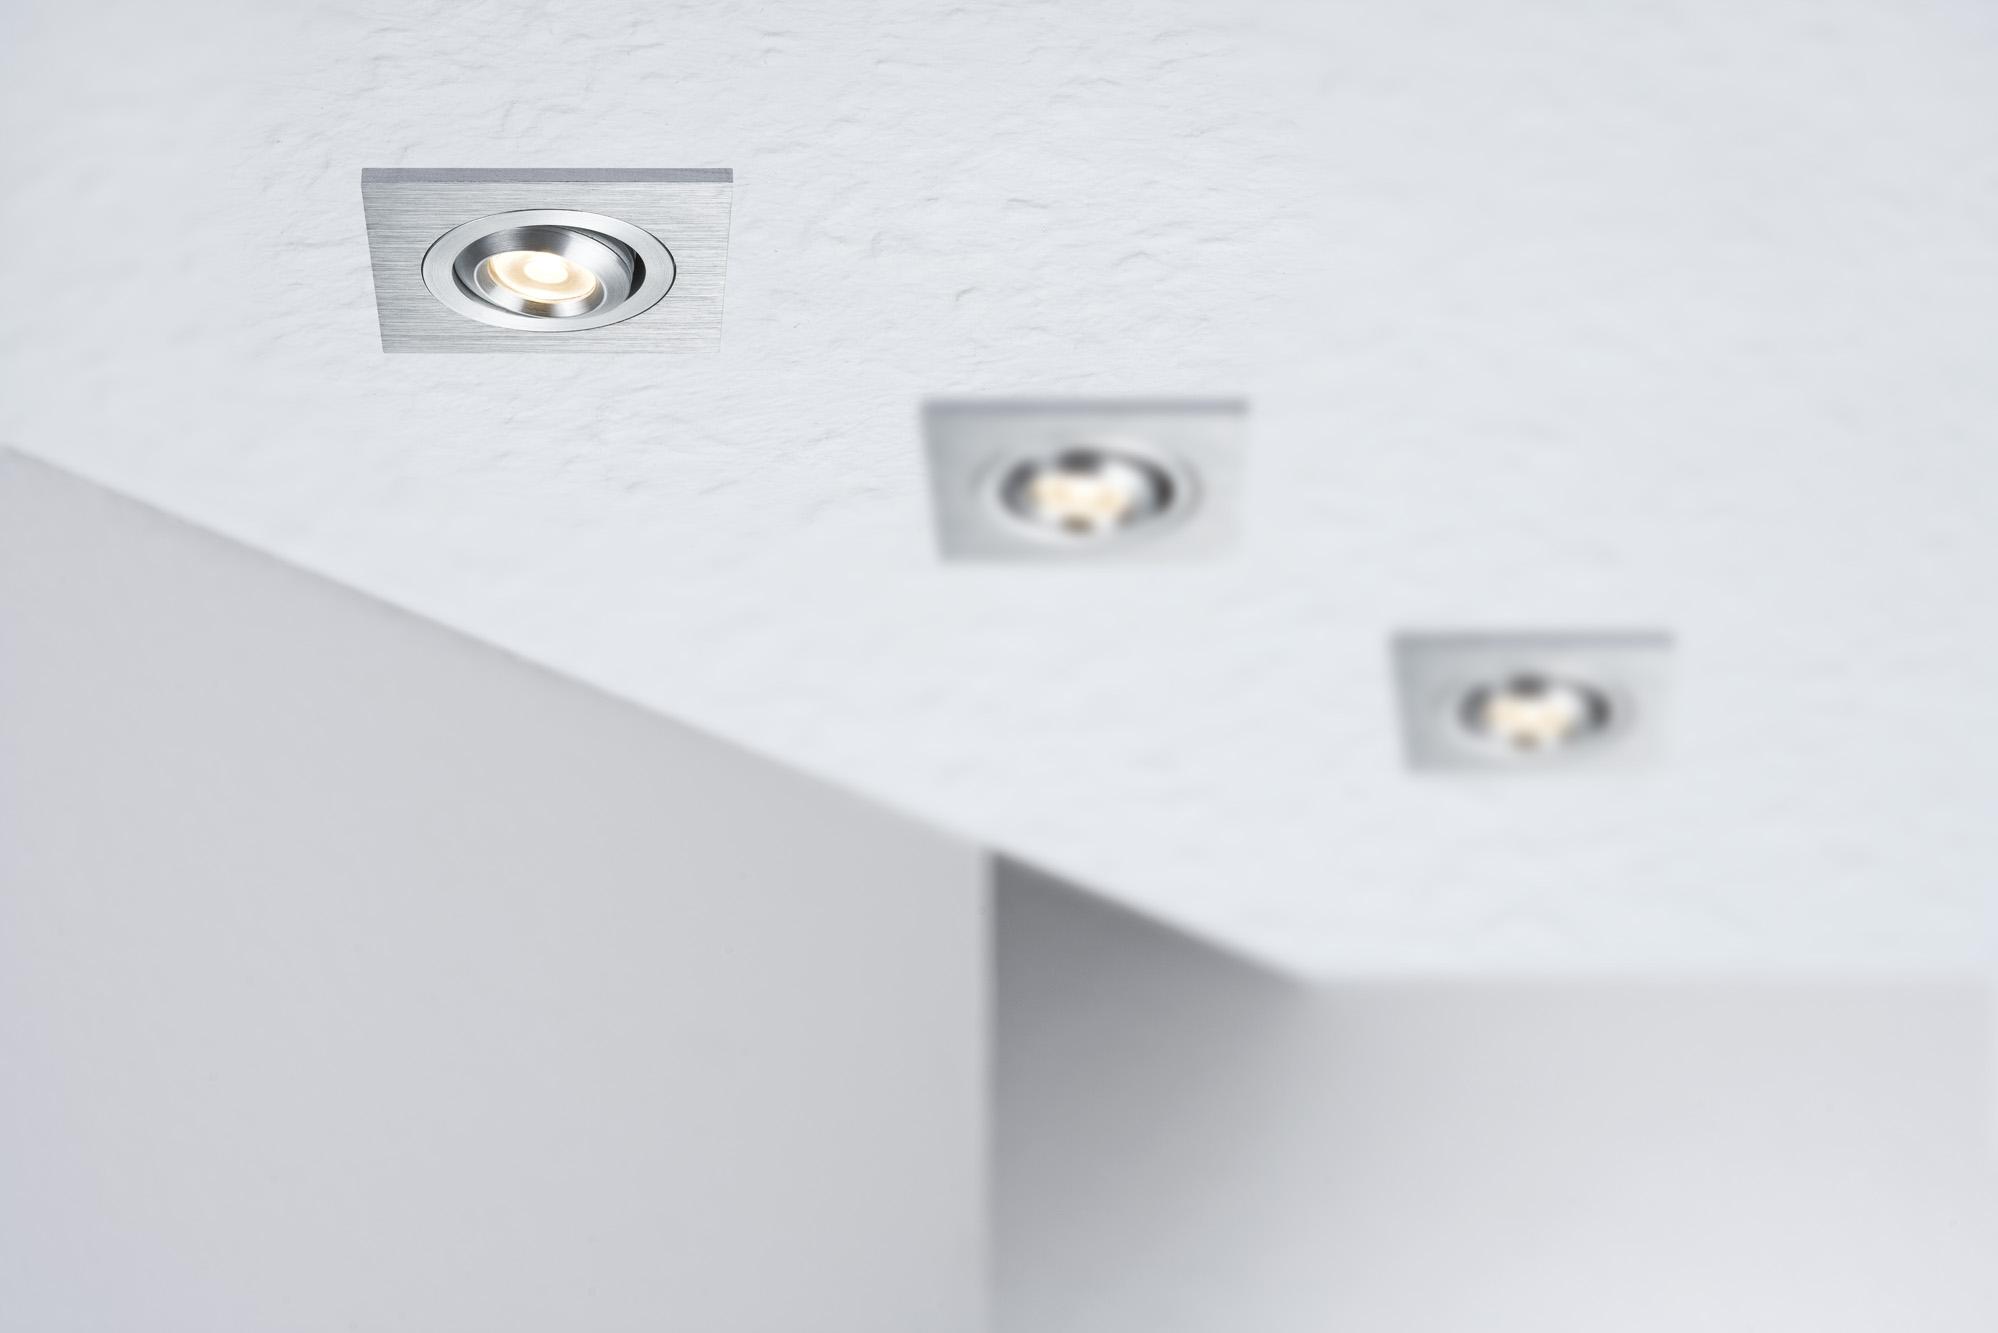 paulmann einbauleuchten set premium line 3w led schwenkbar eckig 3x 1x3 w online. Black Bedroom Furniture Sets. Home Design Ideas